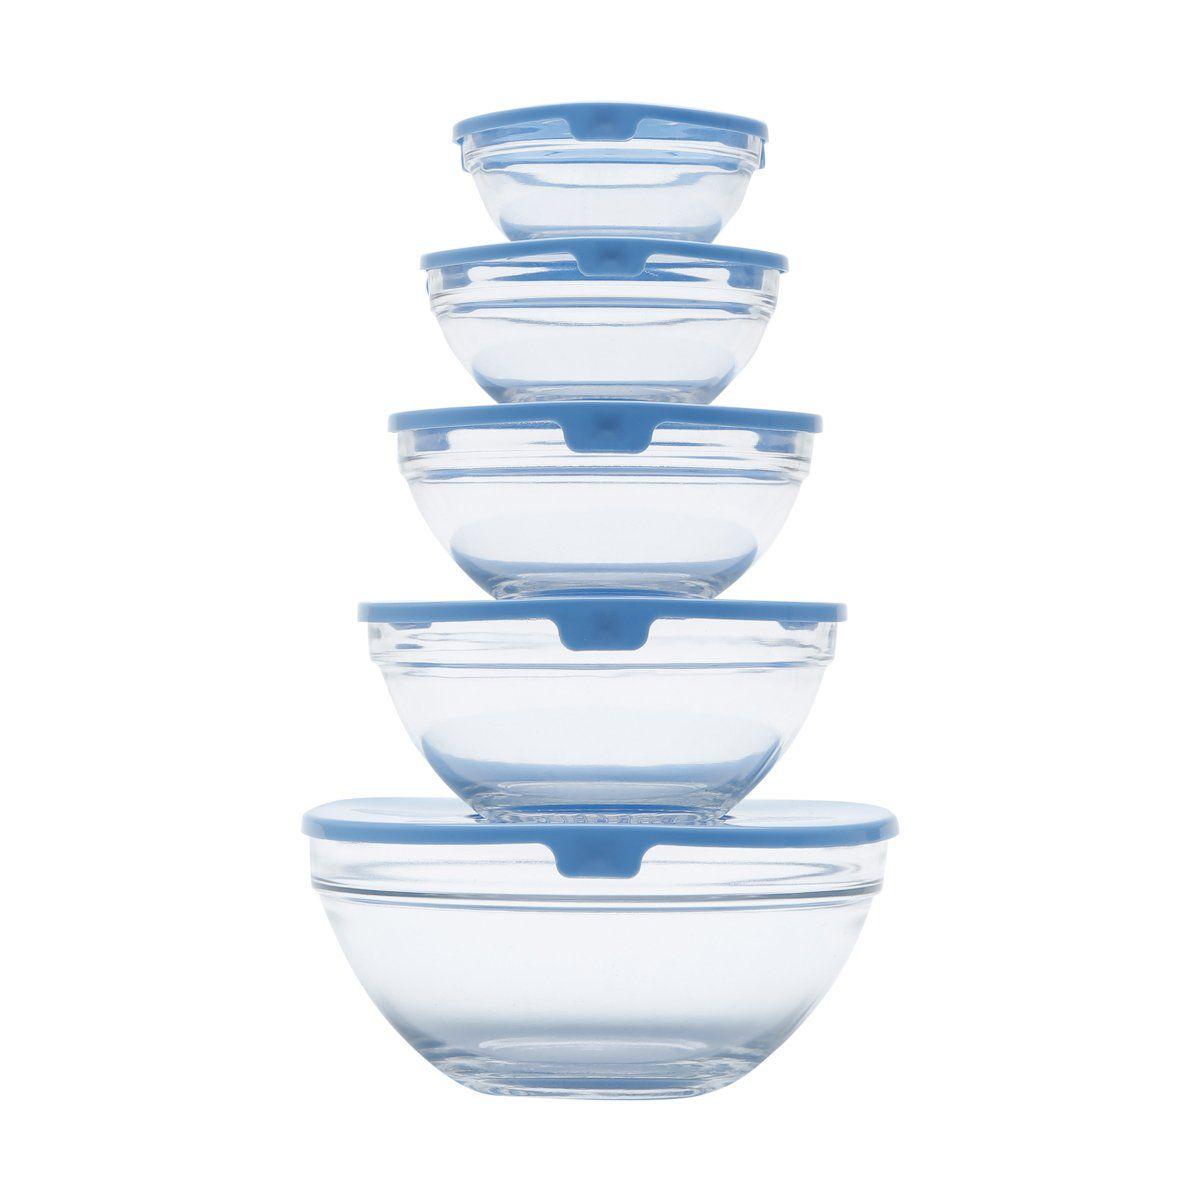 Conjunto 5 potes de vidro transparente e tampa de plástico Azul Bon Gourmet - 25622(1)